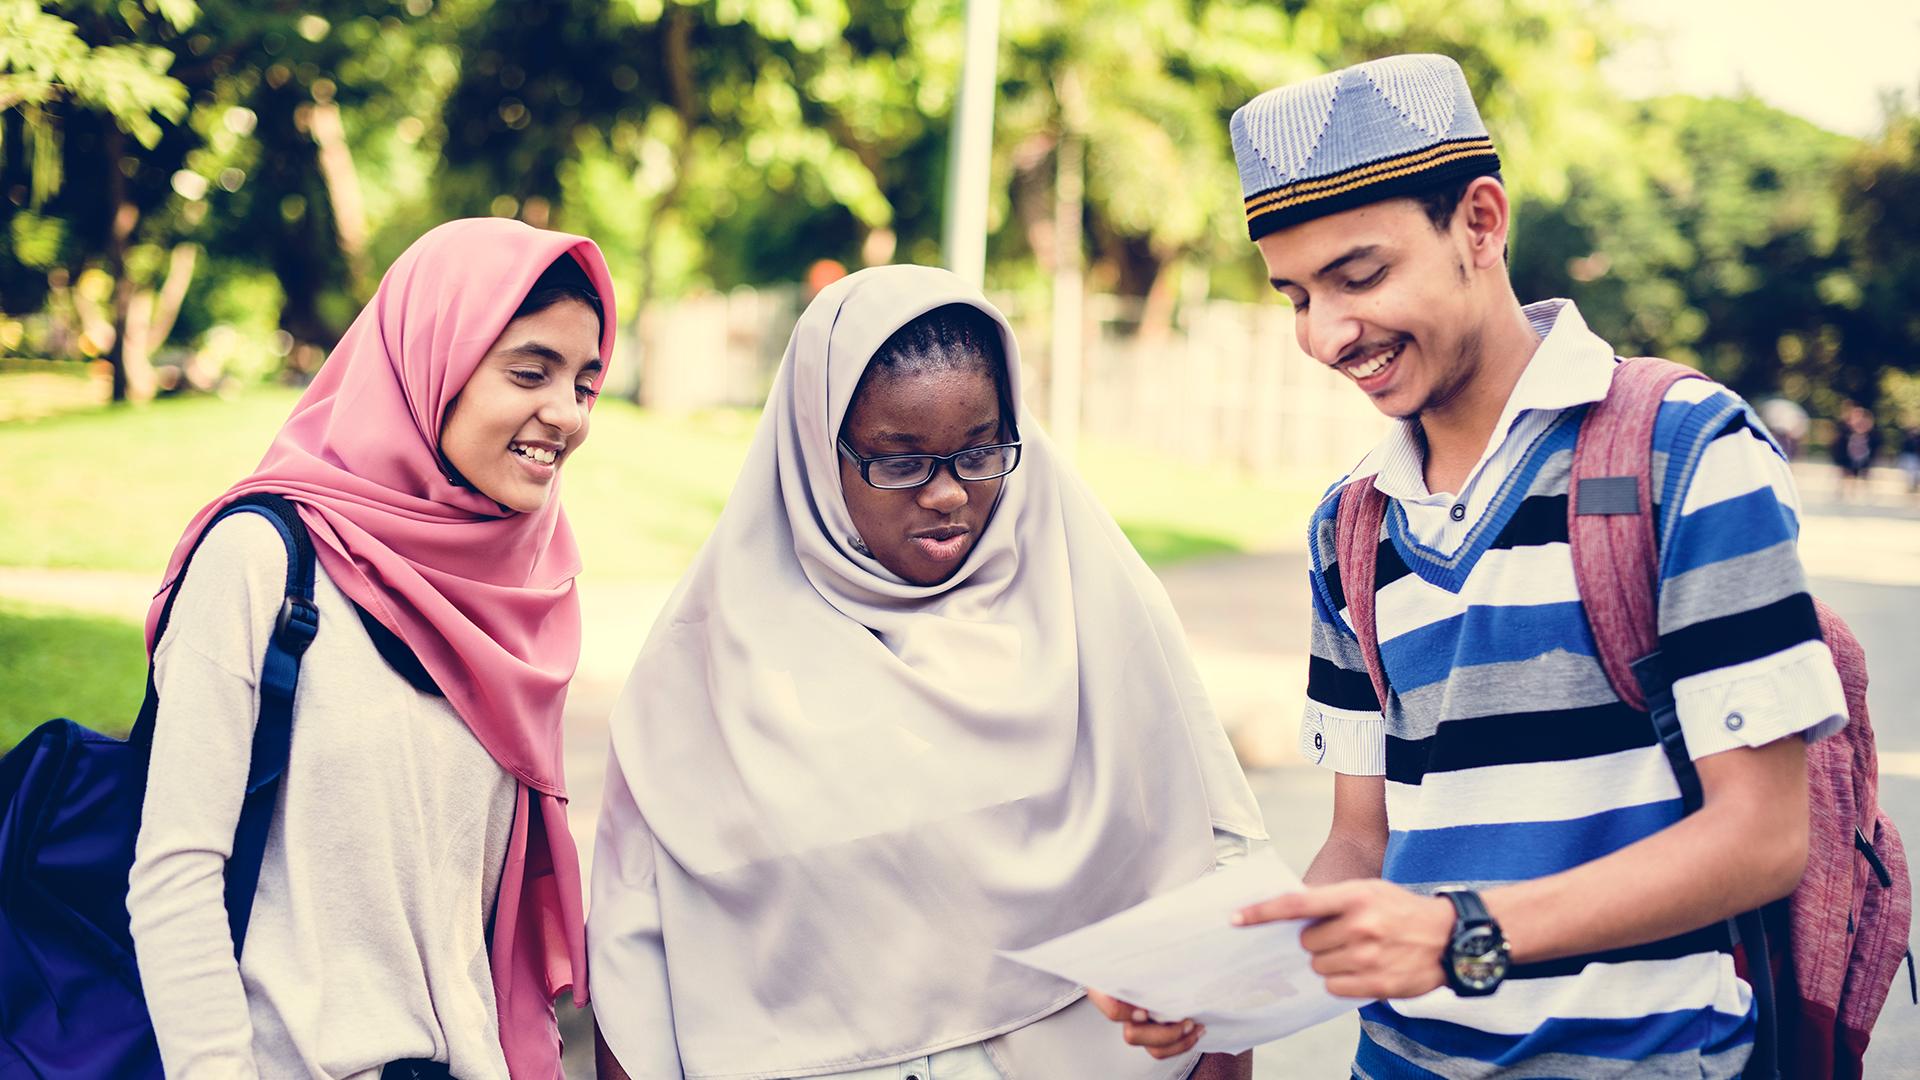 صورة لمجموعة متنوعة من شابتين ترتديان حجاب الرأس وشاب يرتدي قبعة ينظر إلى ورقة.